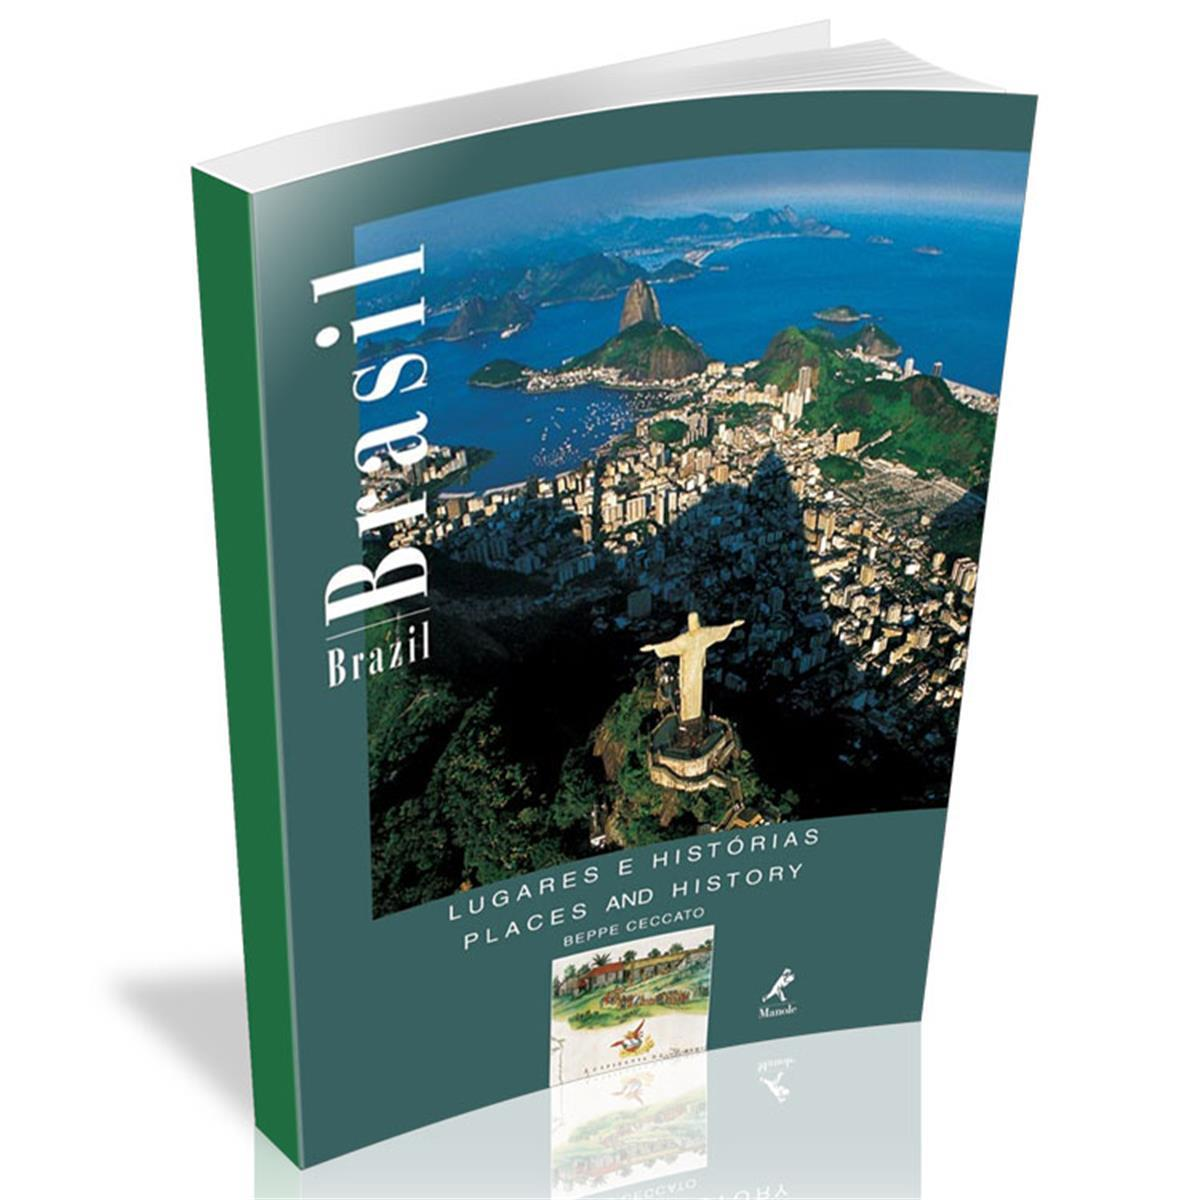 Livro - Brasil / Brazil - Lugares E História Bilingue - Editora Manole